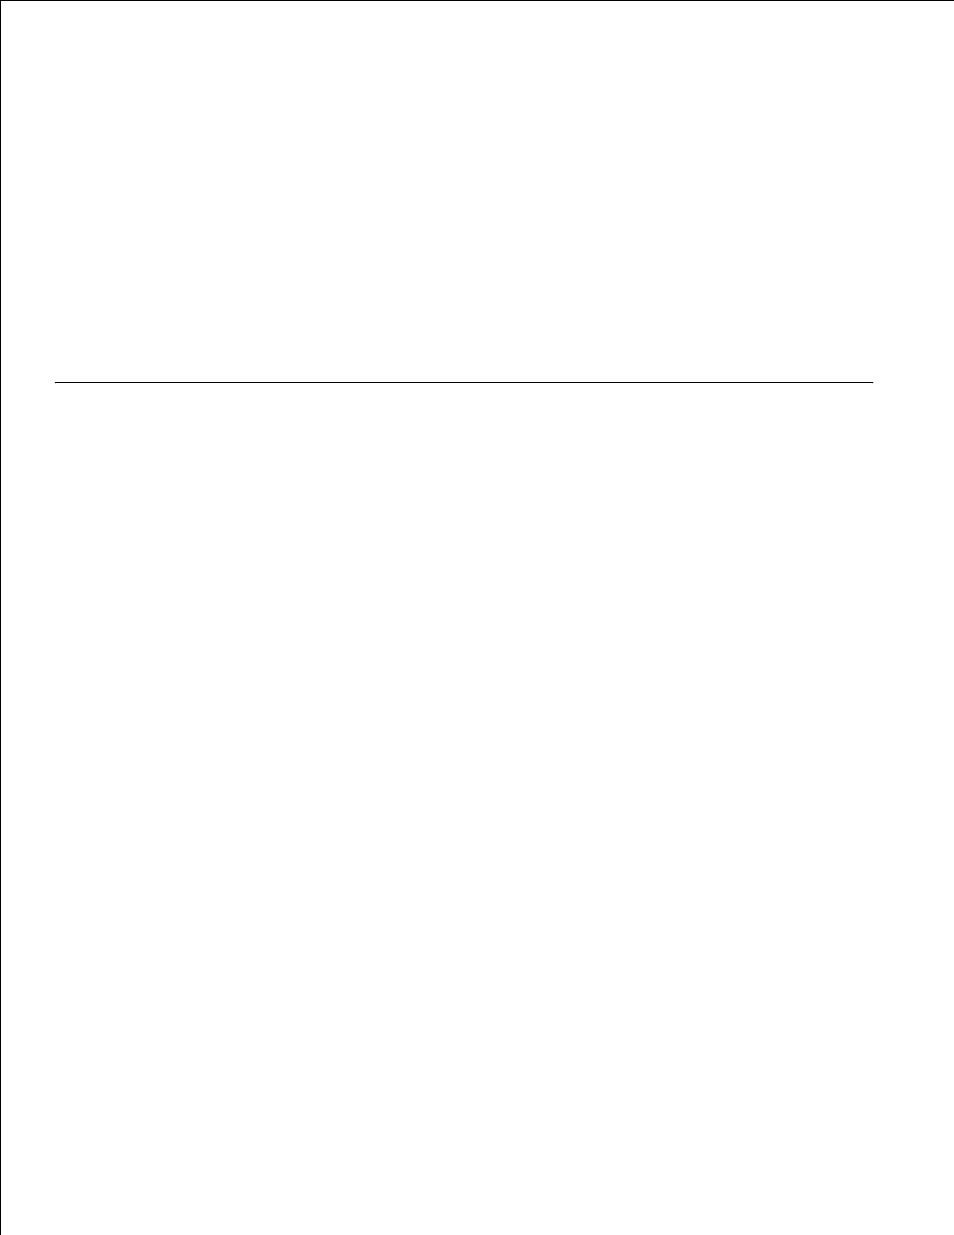 Gnu license   Dell 2350d/dn Mono Laser Printer Manual del